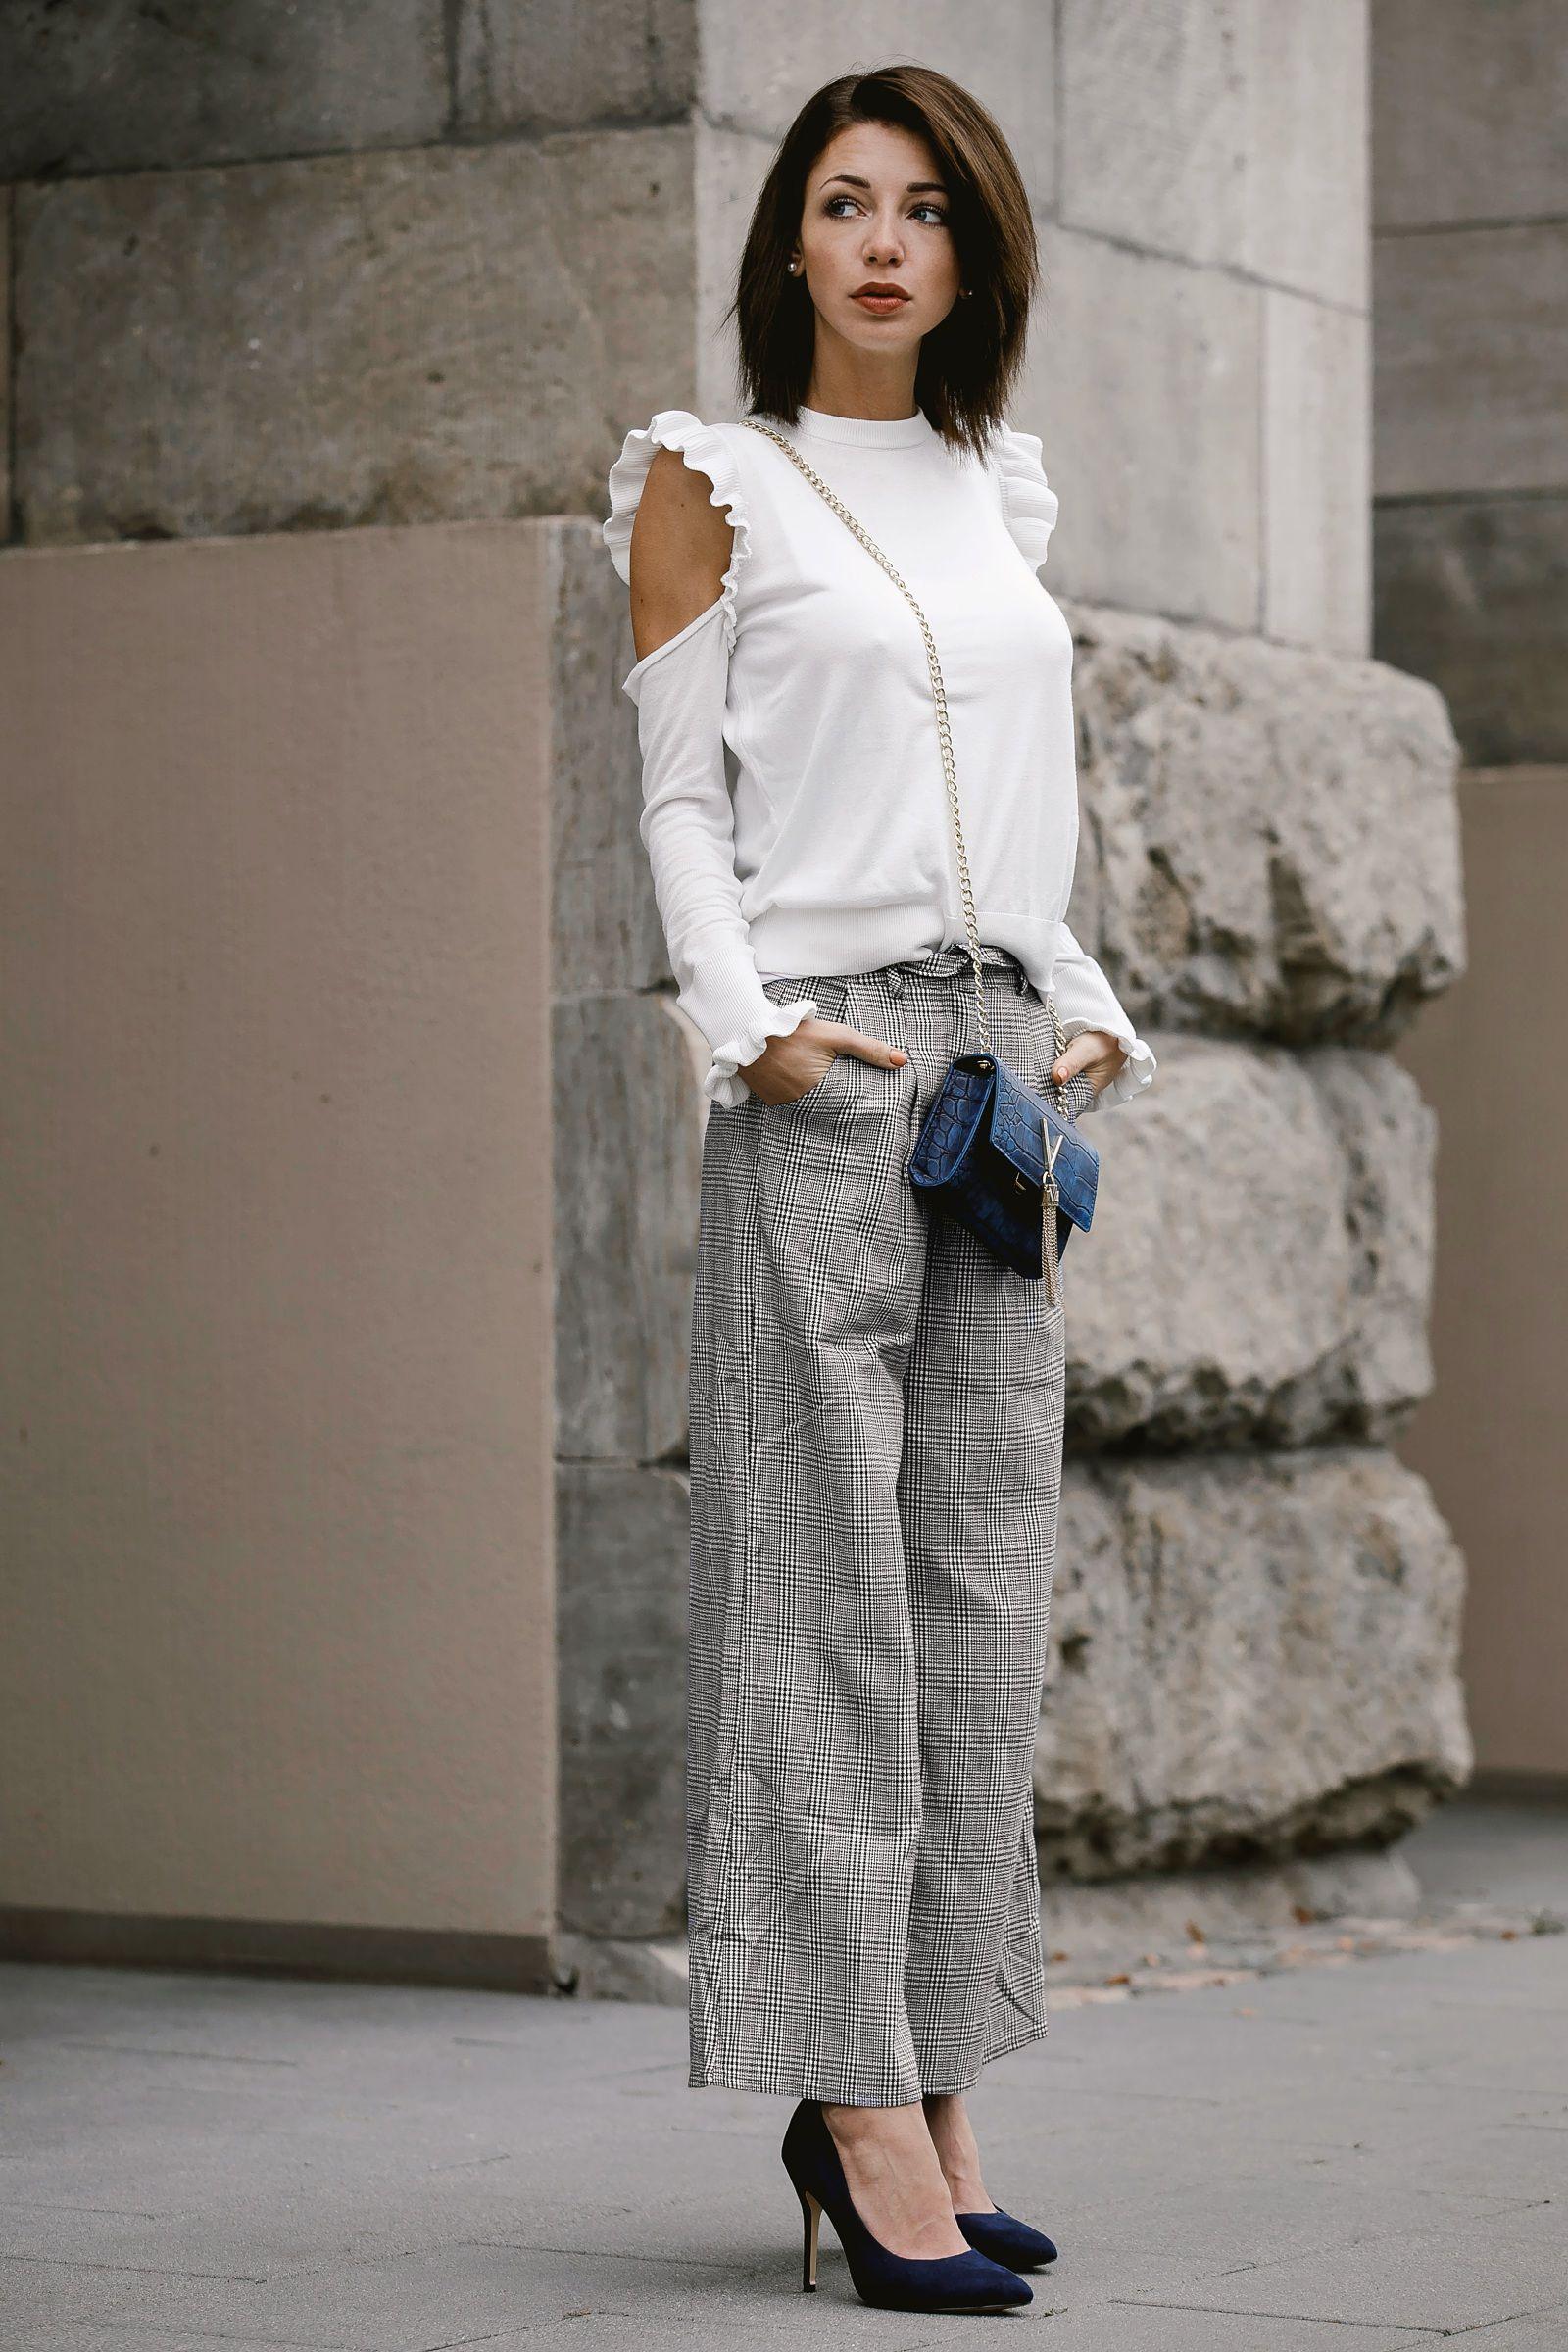 1a0435d555b2 Streetstyle   Outfit von Mode Bloggerin Jasmin Kessler - Hose mit Glencheck Muster  mit Cold Shoulder Sweater und Valentino Divina